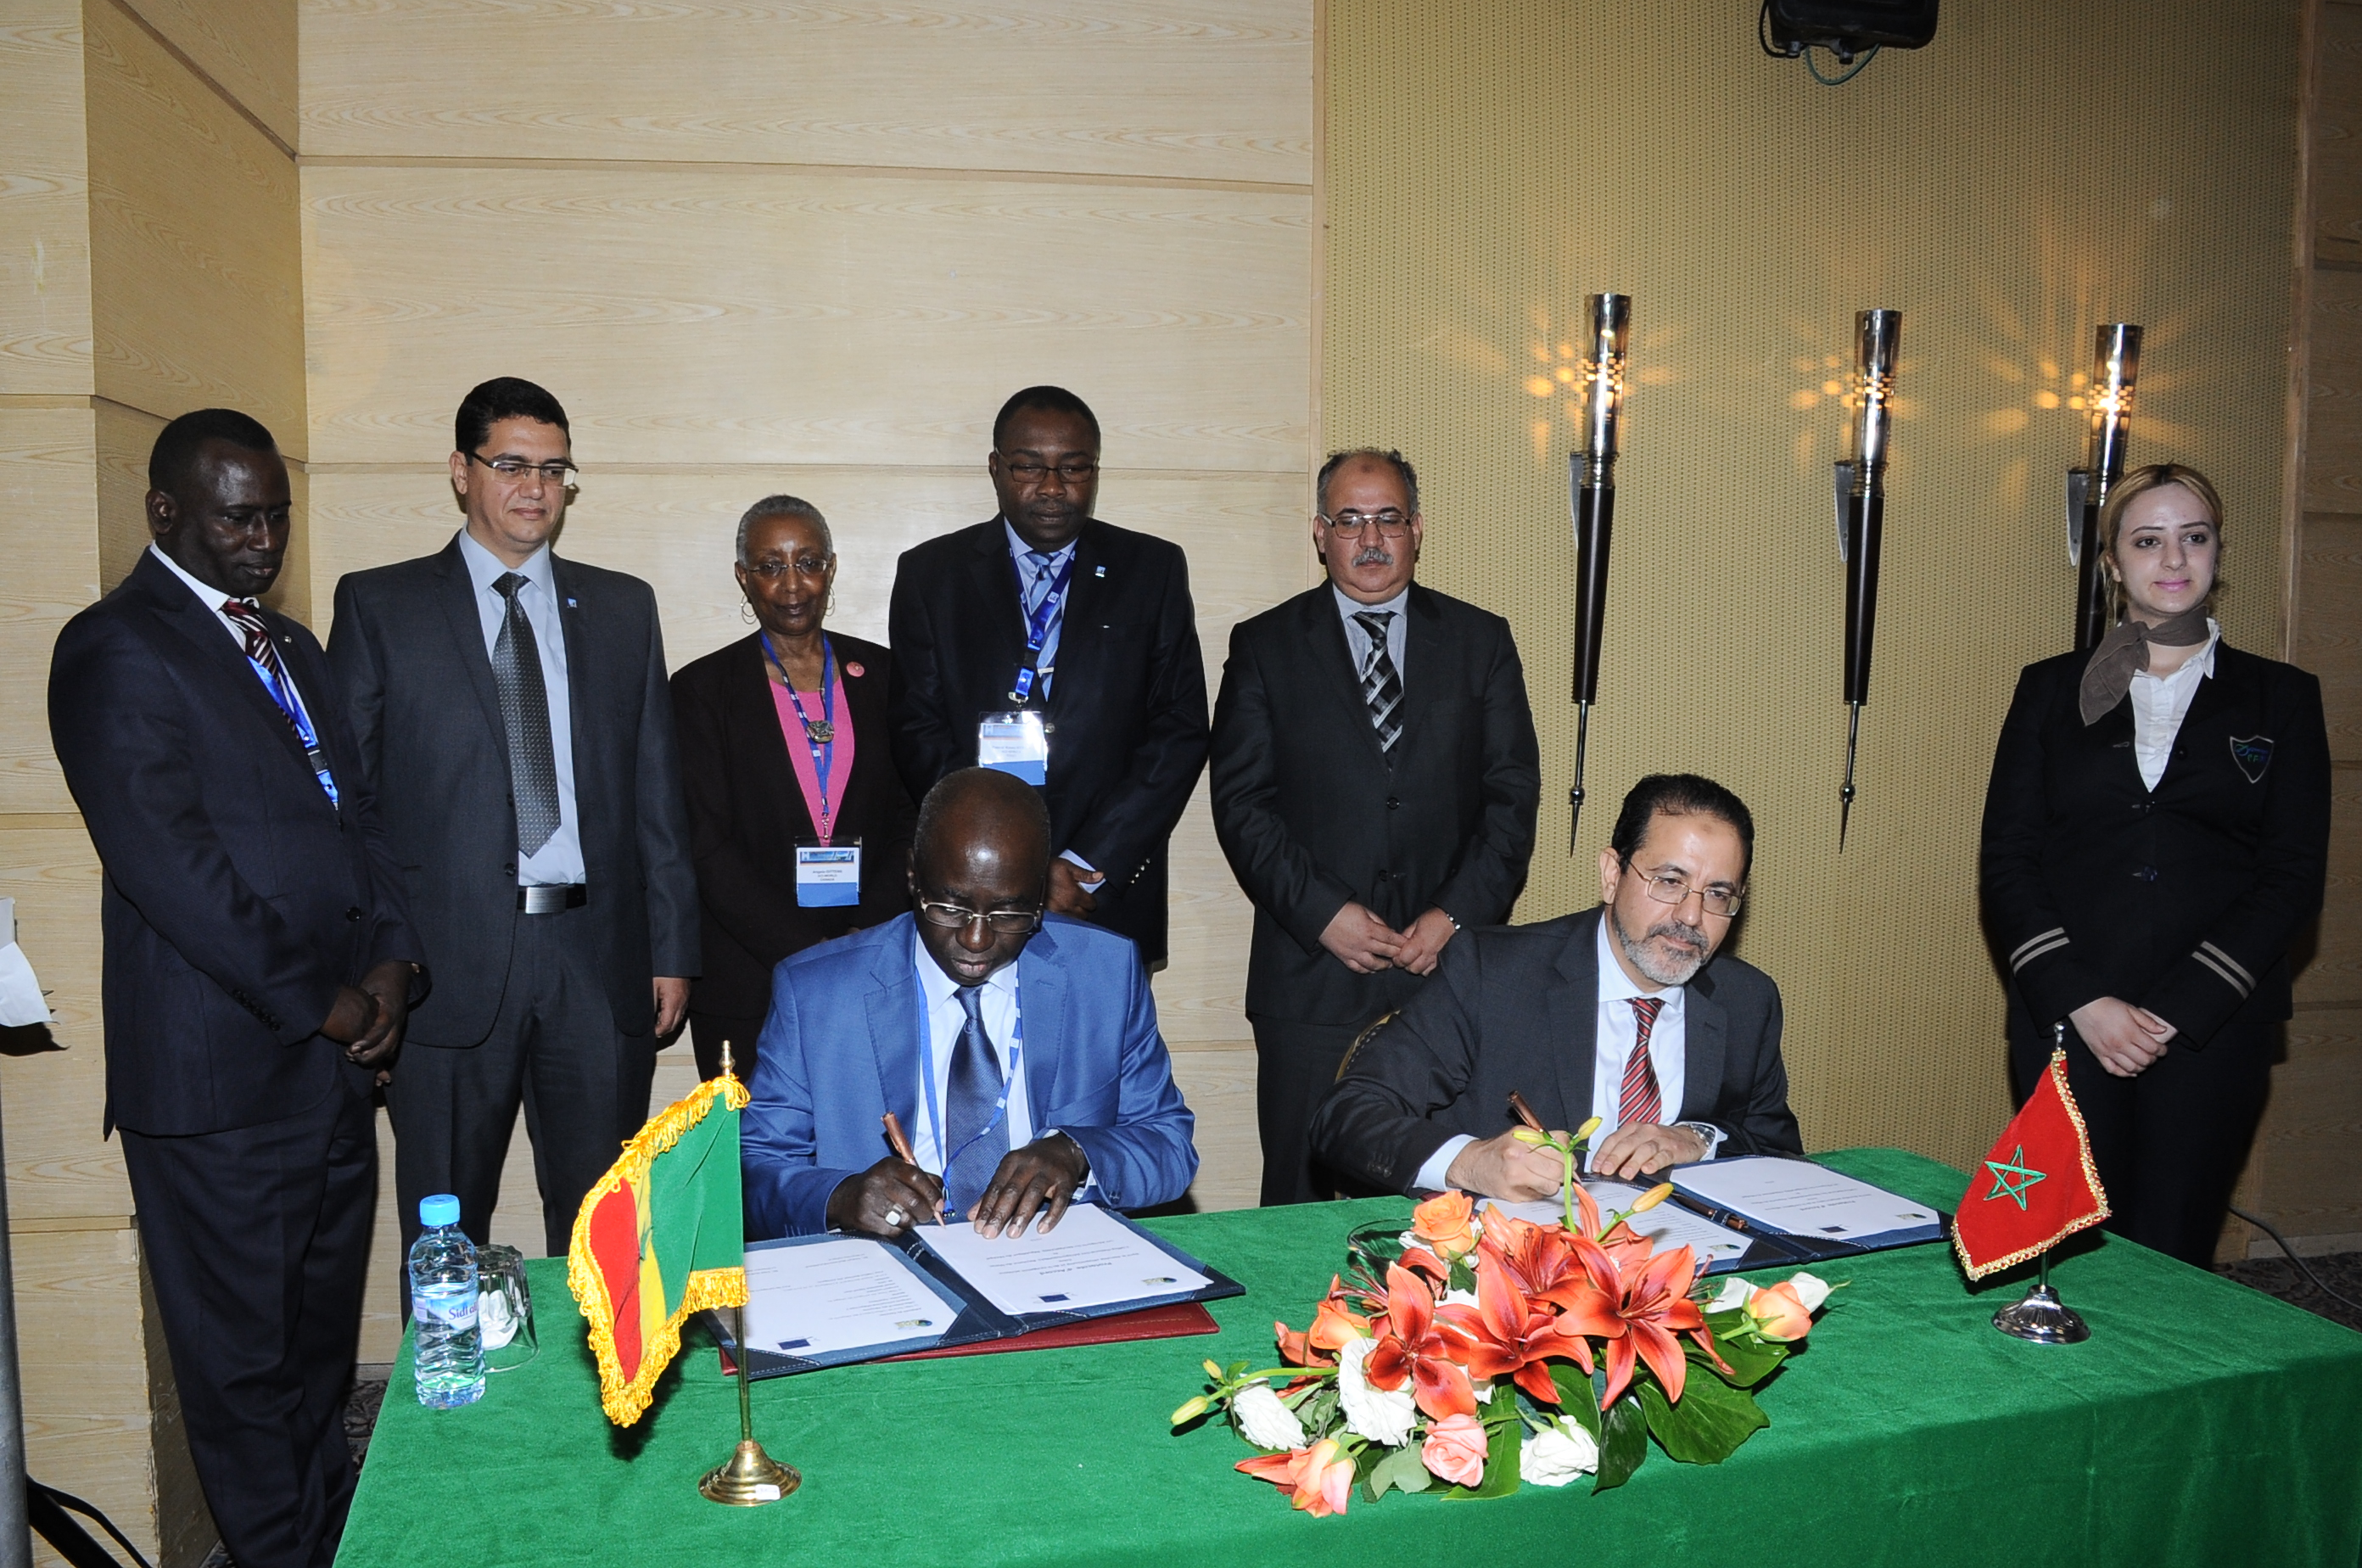 Maroc-Sénégal: L'ONDA et l'ADS définissent le cadre et les modalités de leur coopération